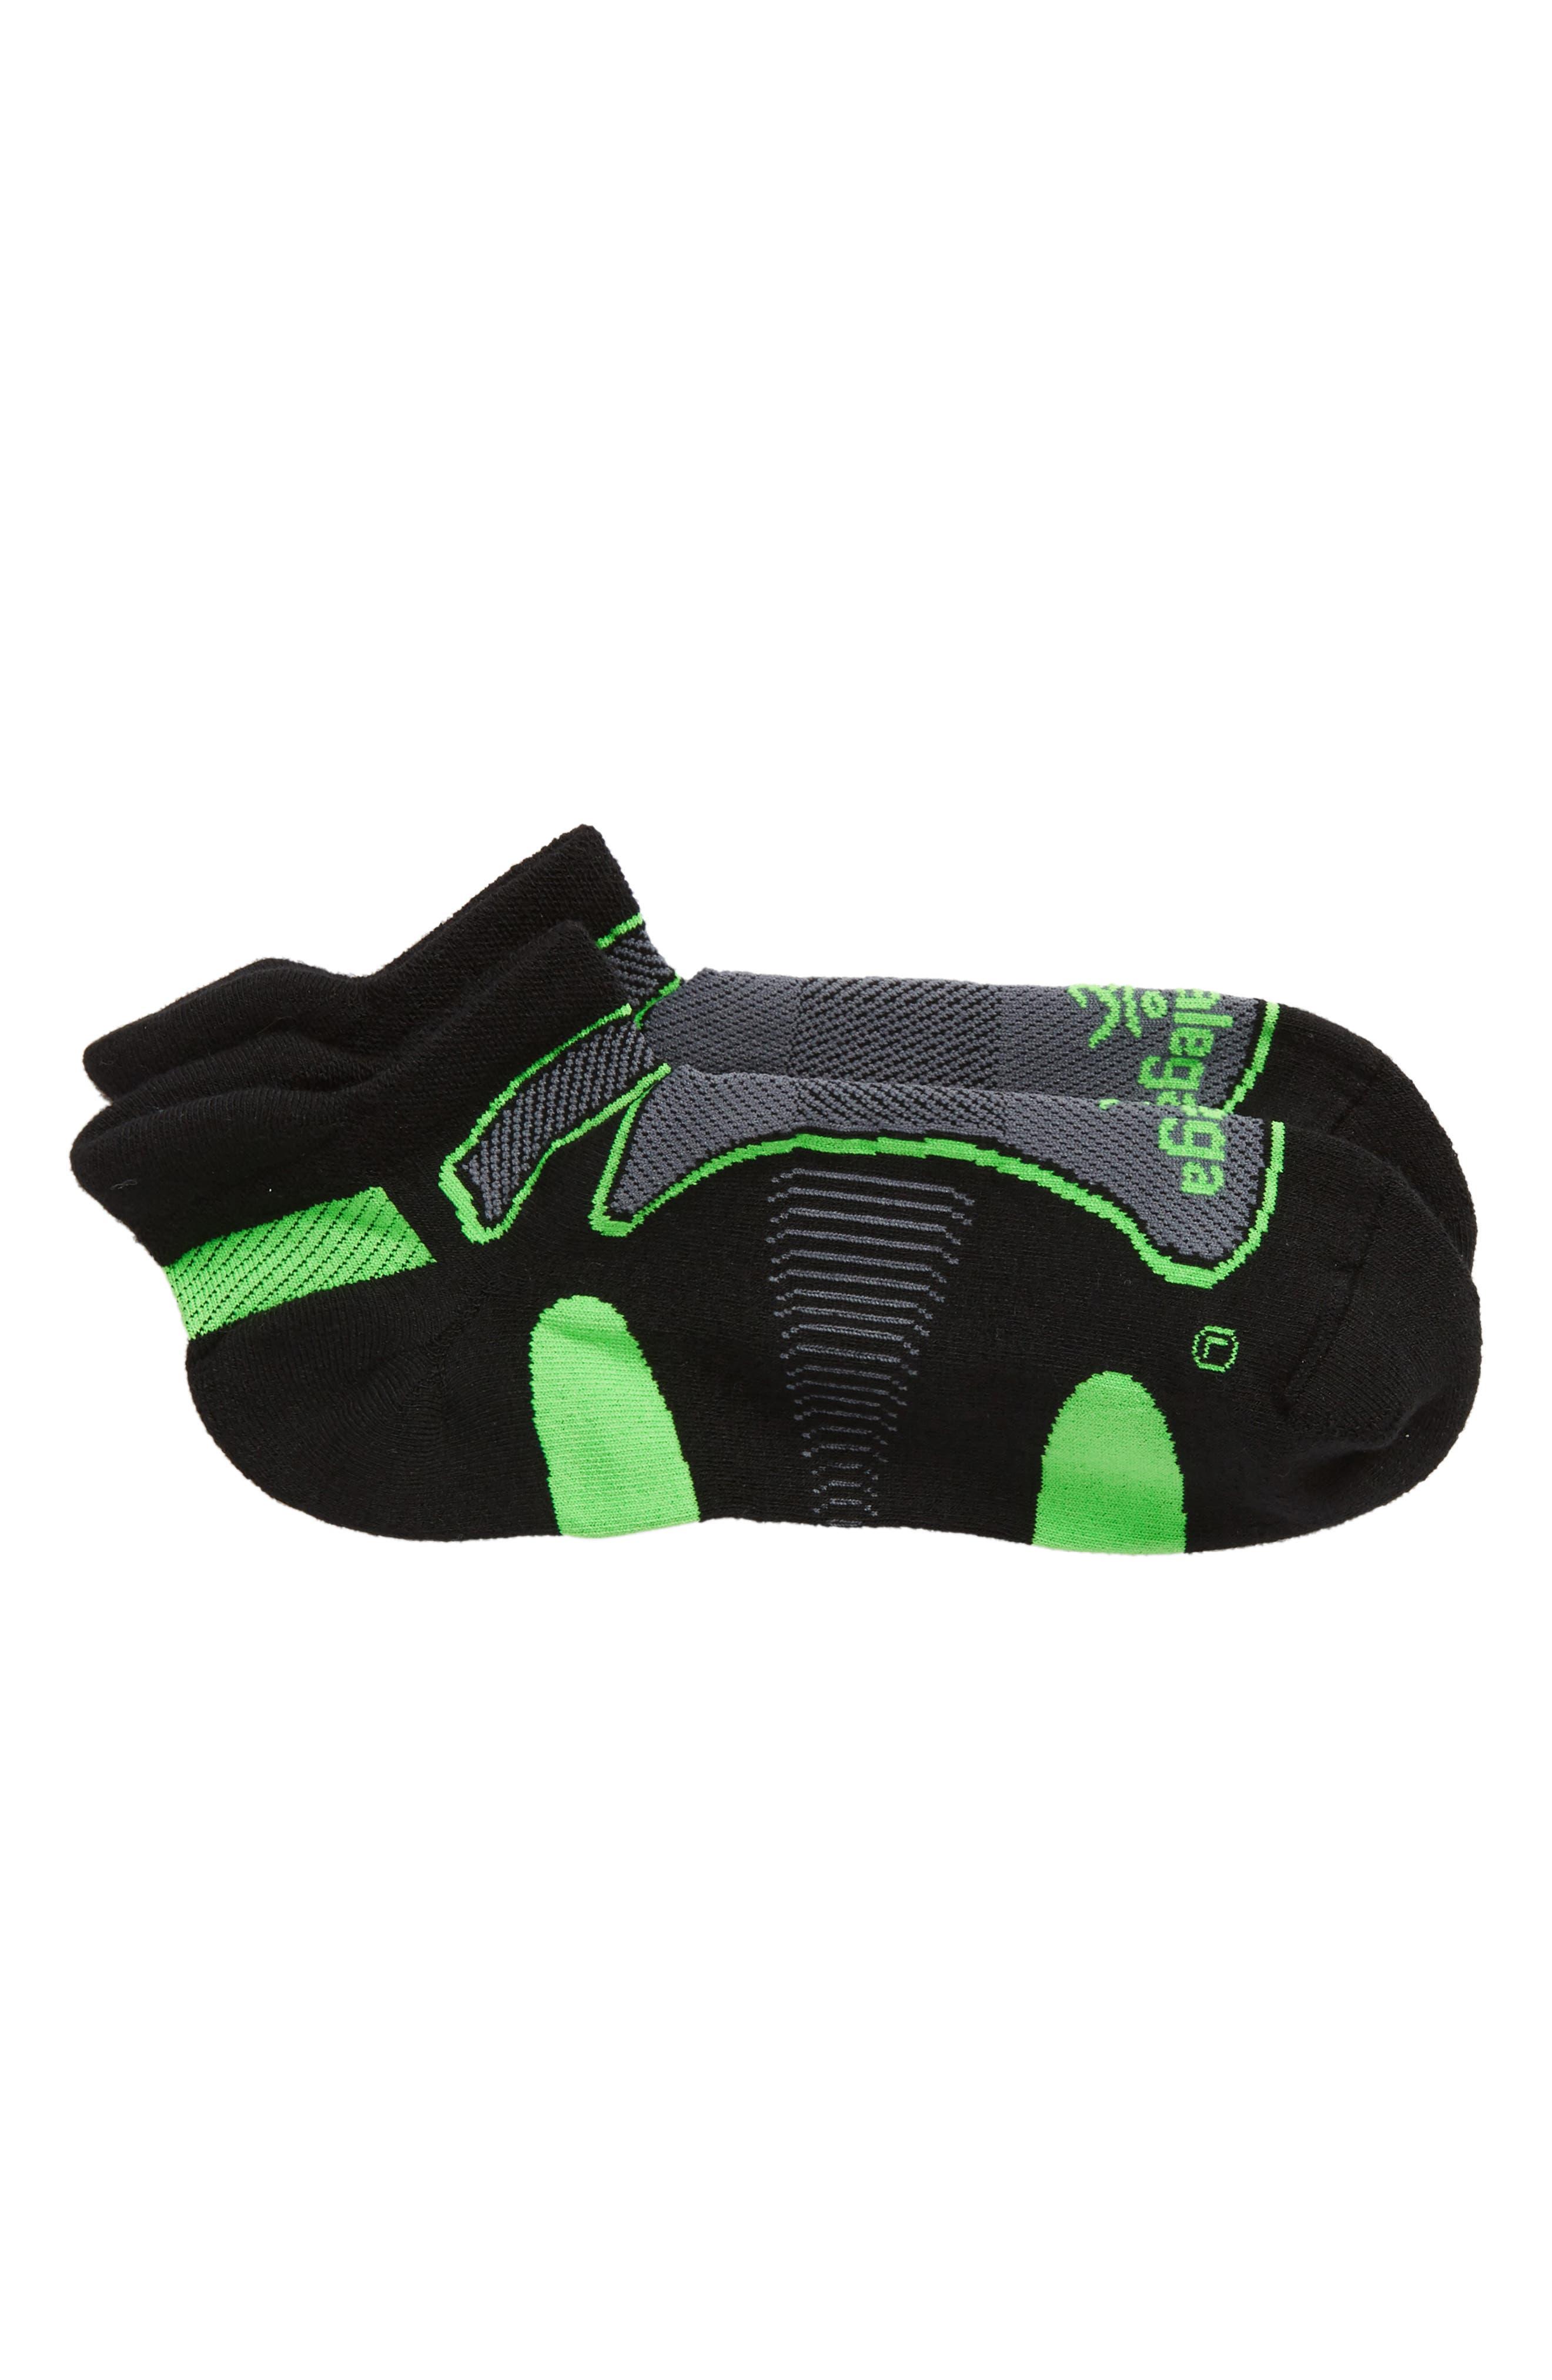 Ultra Light Socks,                         Main,                         color, Black/ Lime